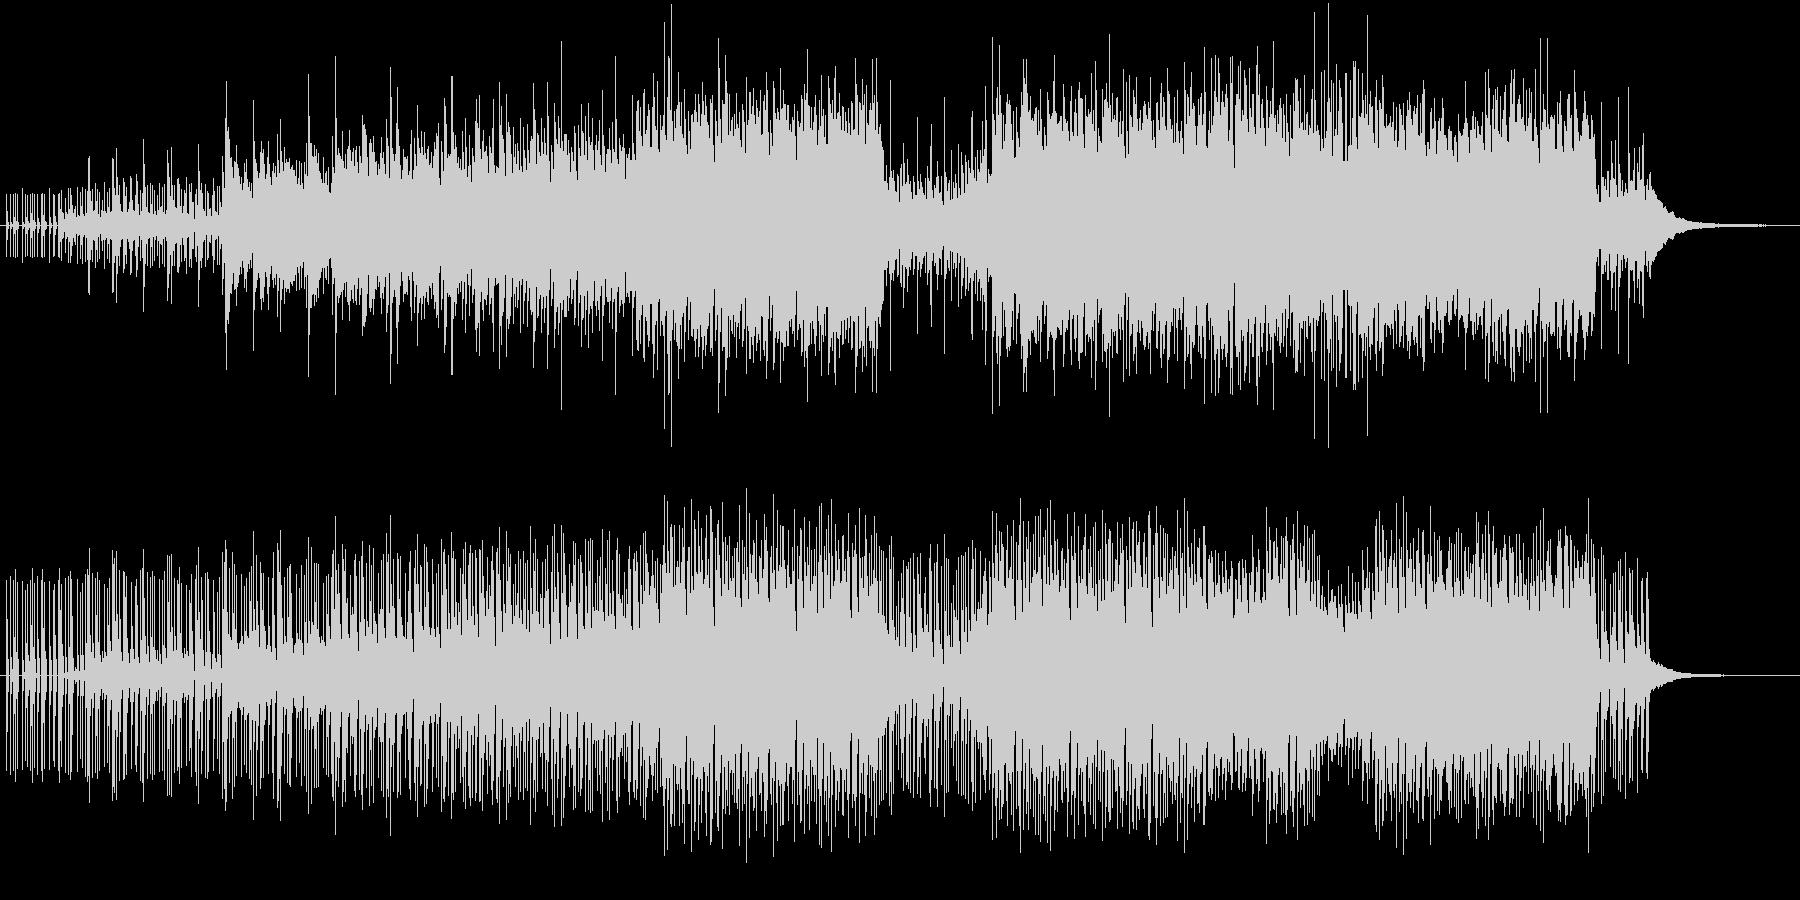 疾走感のあるアコースティックBGMの未再生の波形